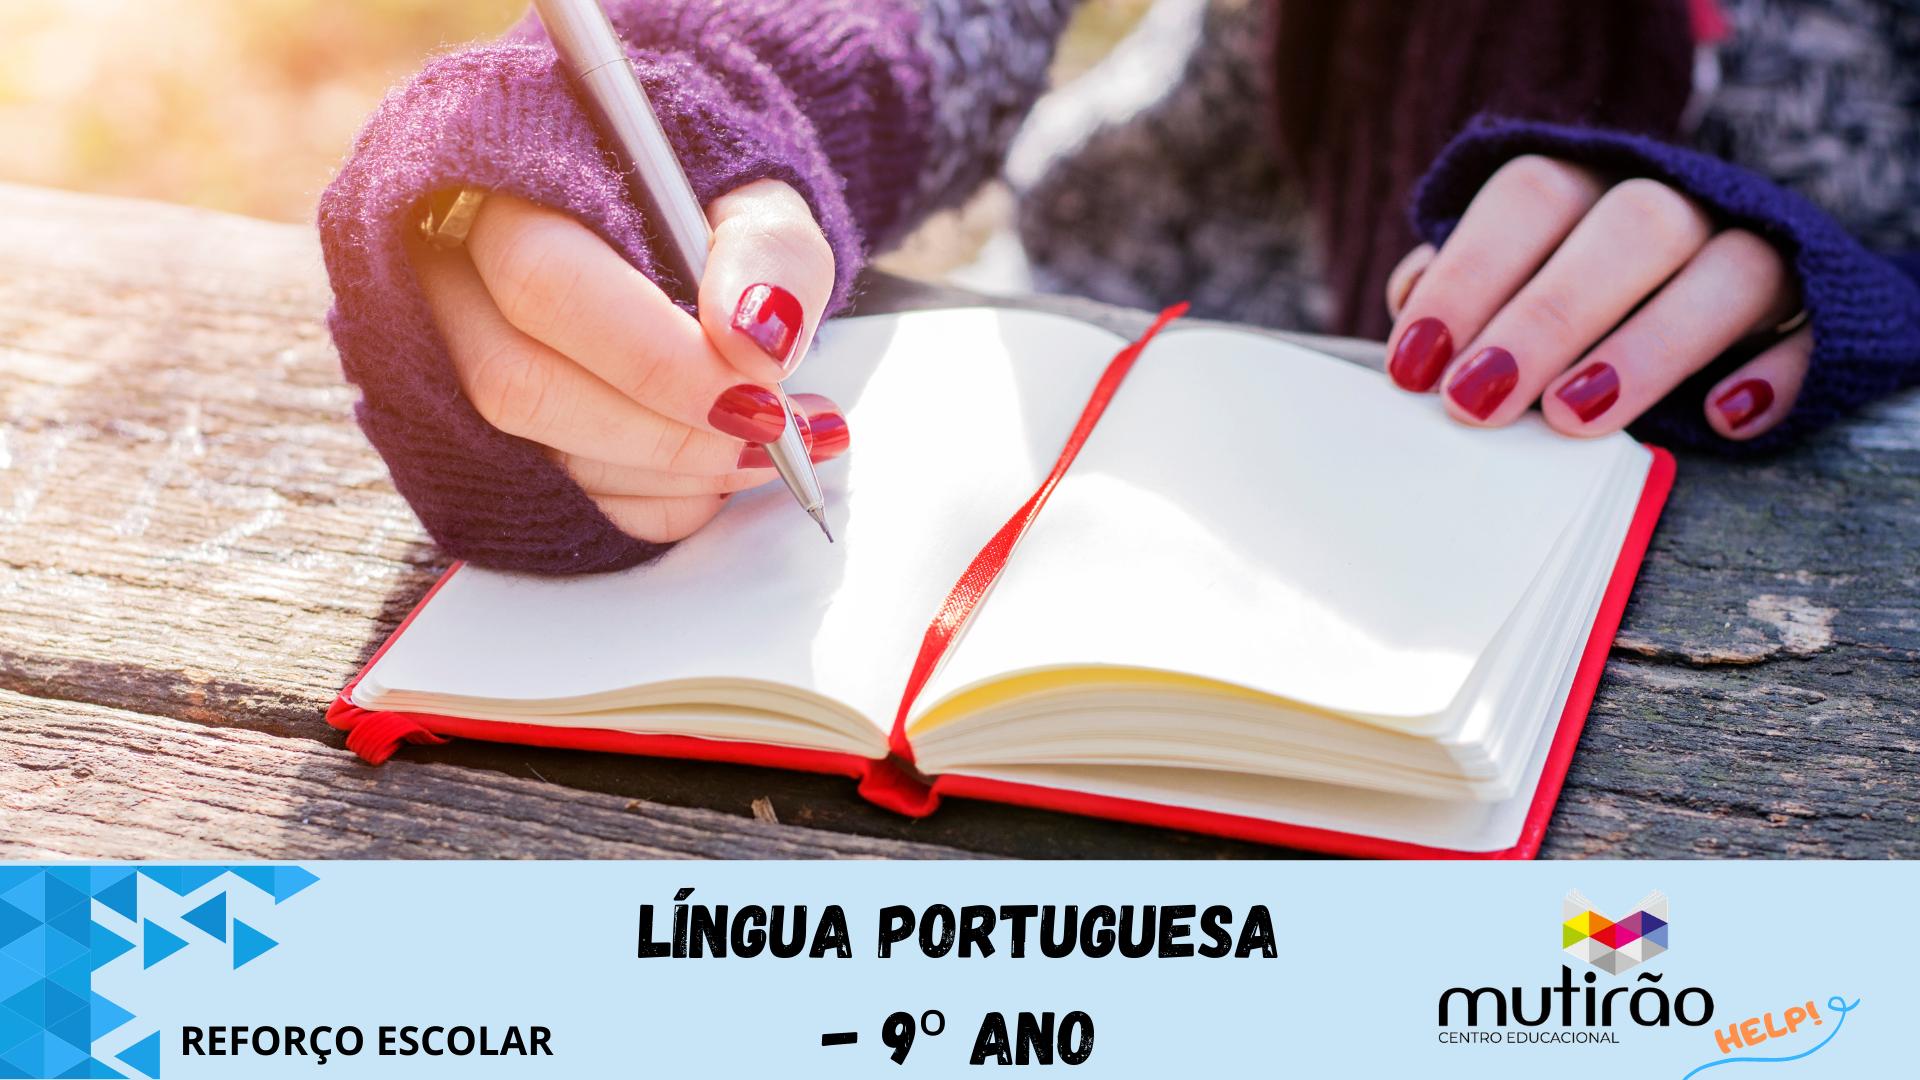 Mutirão Help!  Reforço Escolar 9º ano Língua Prtuguesa